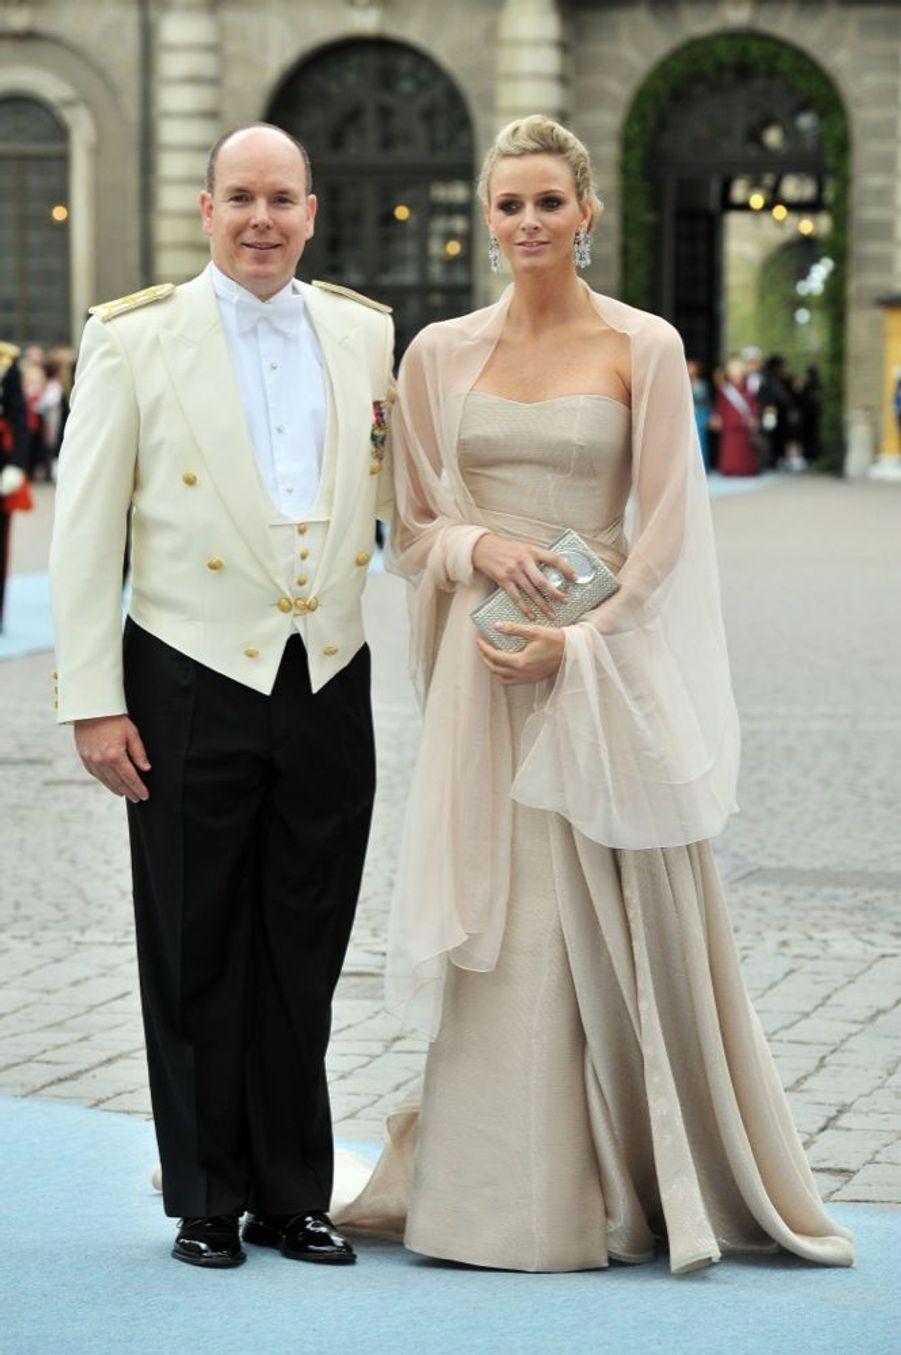 Charlene et Albert de Monacoau mariage de la princesse Victoria de Suède et de Daniel Westling, samedi 19 juin 2010 au palais royal de Stockholm.